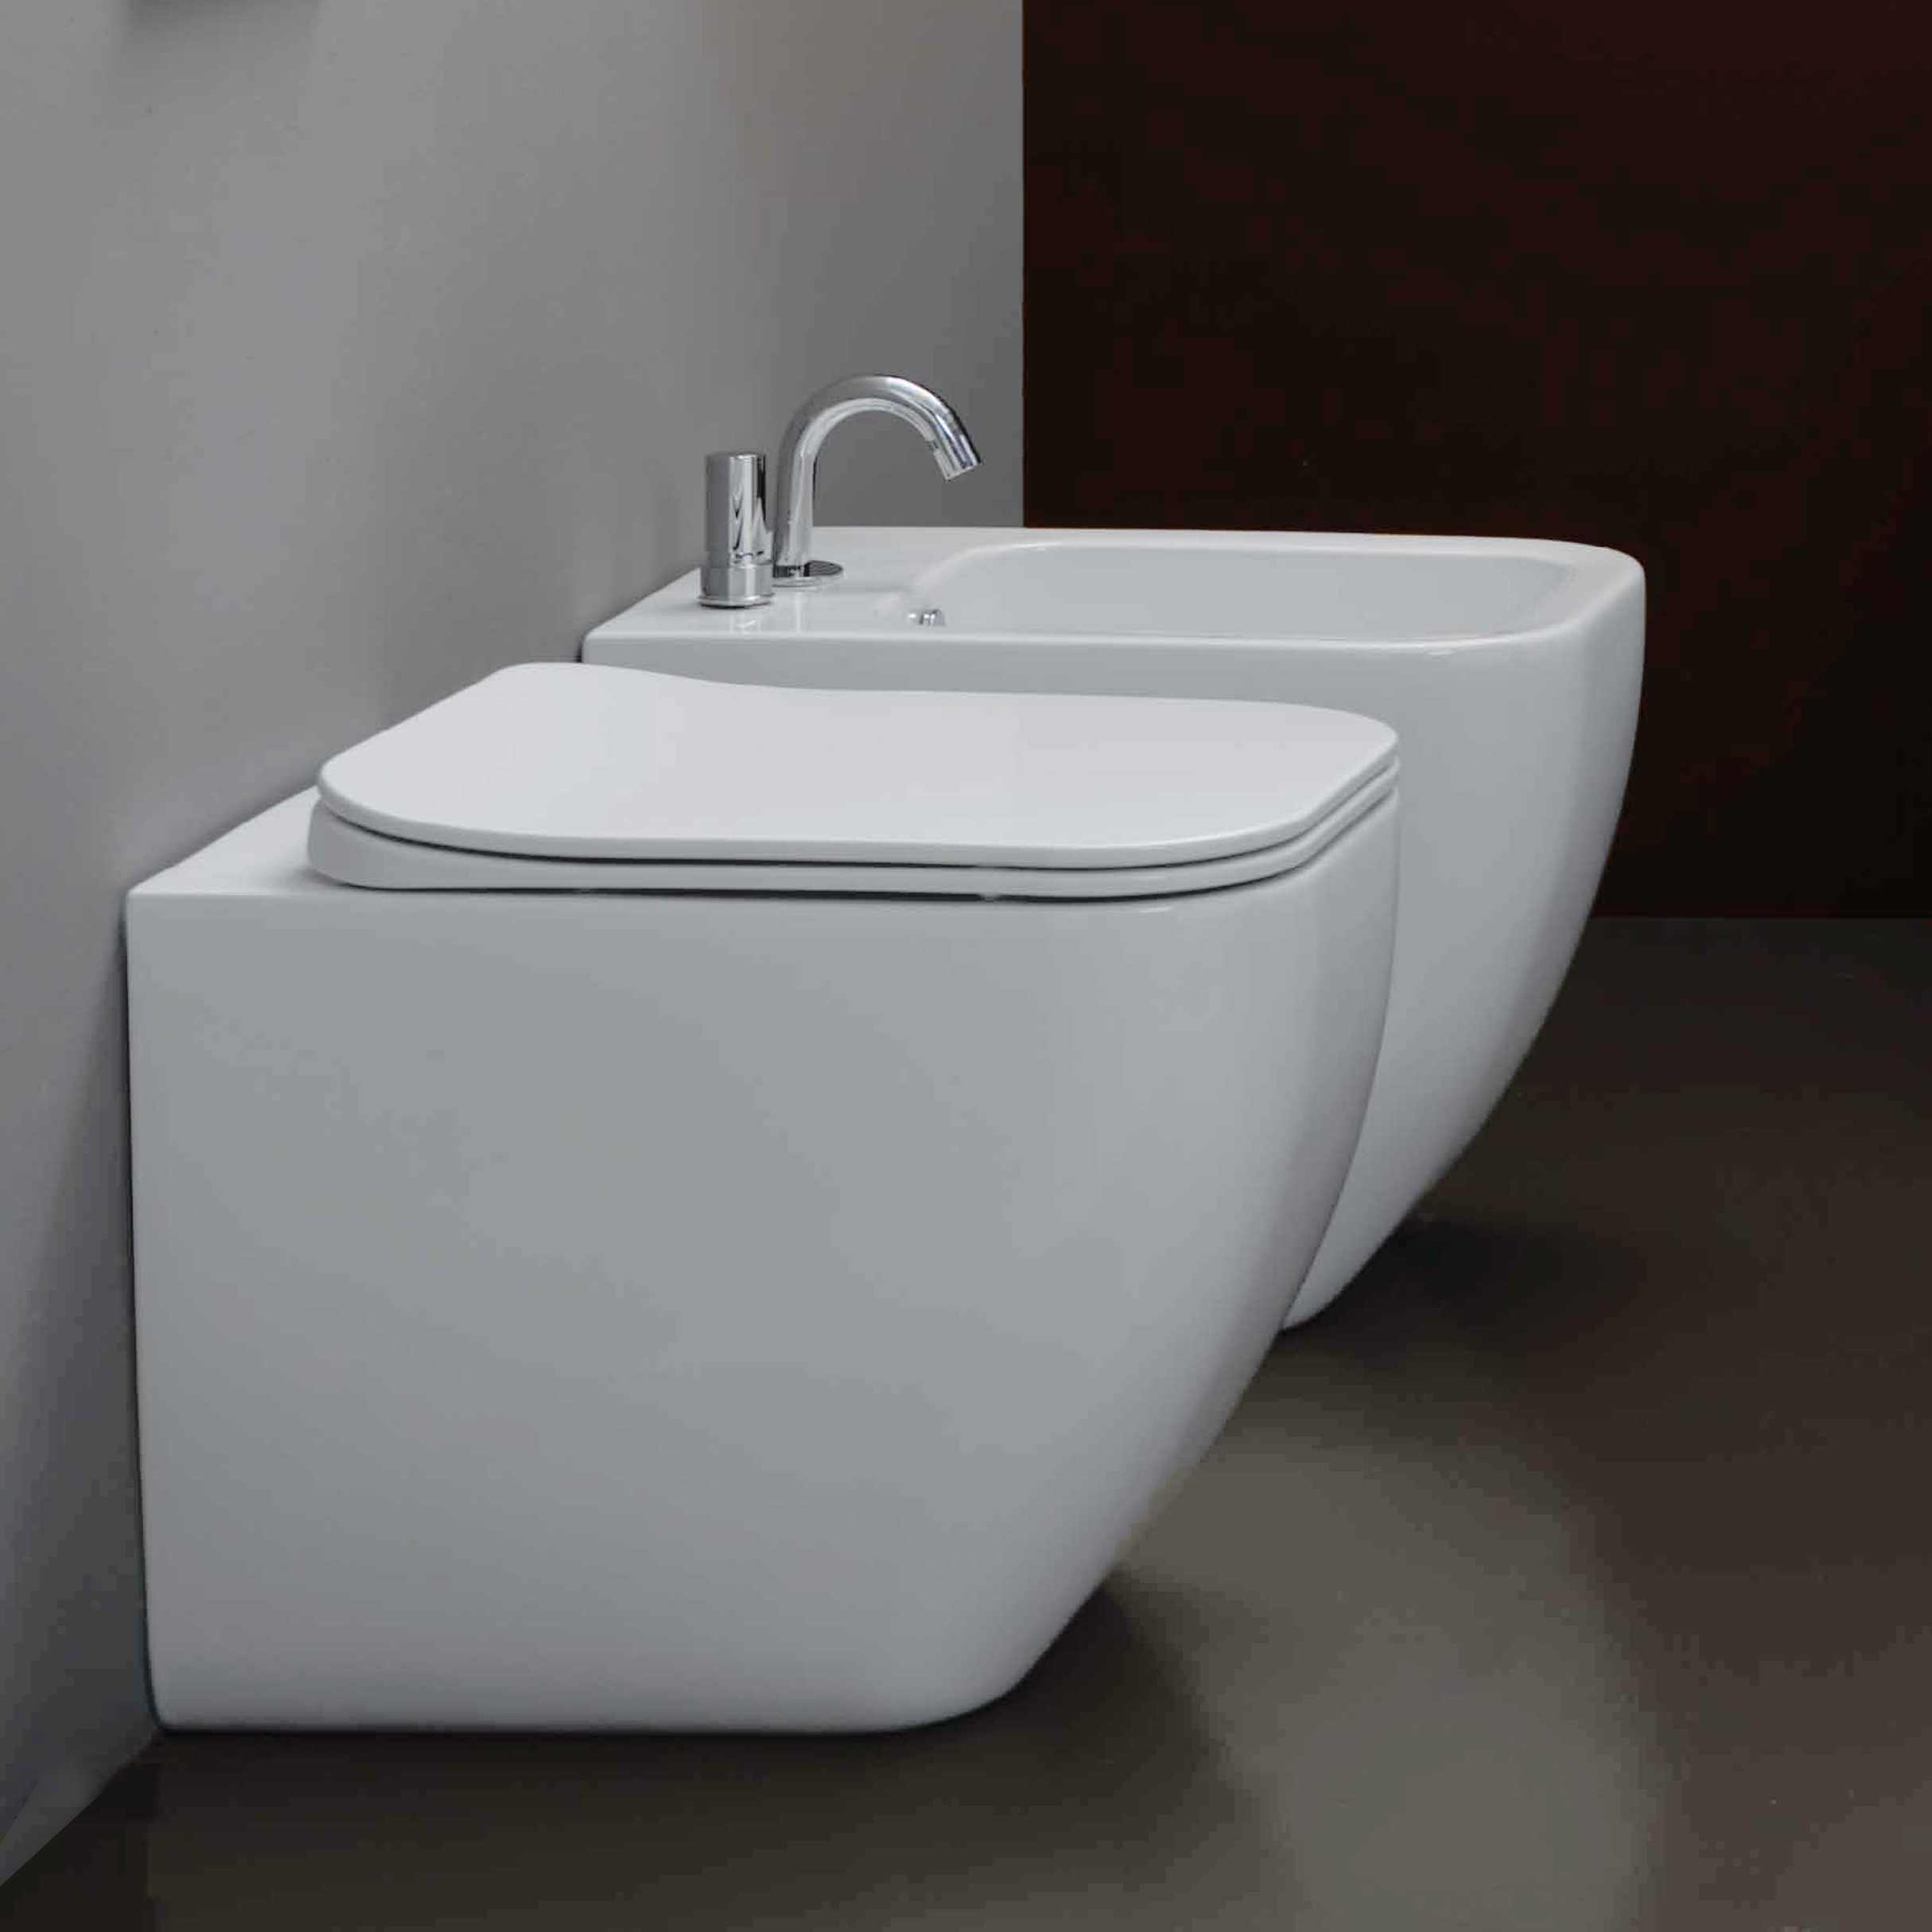 Sanitari filoparete senza brida Bring con sedile soft close a sgancio rapido e sistema Smart Clean